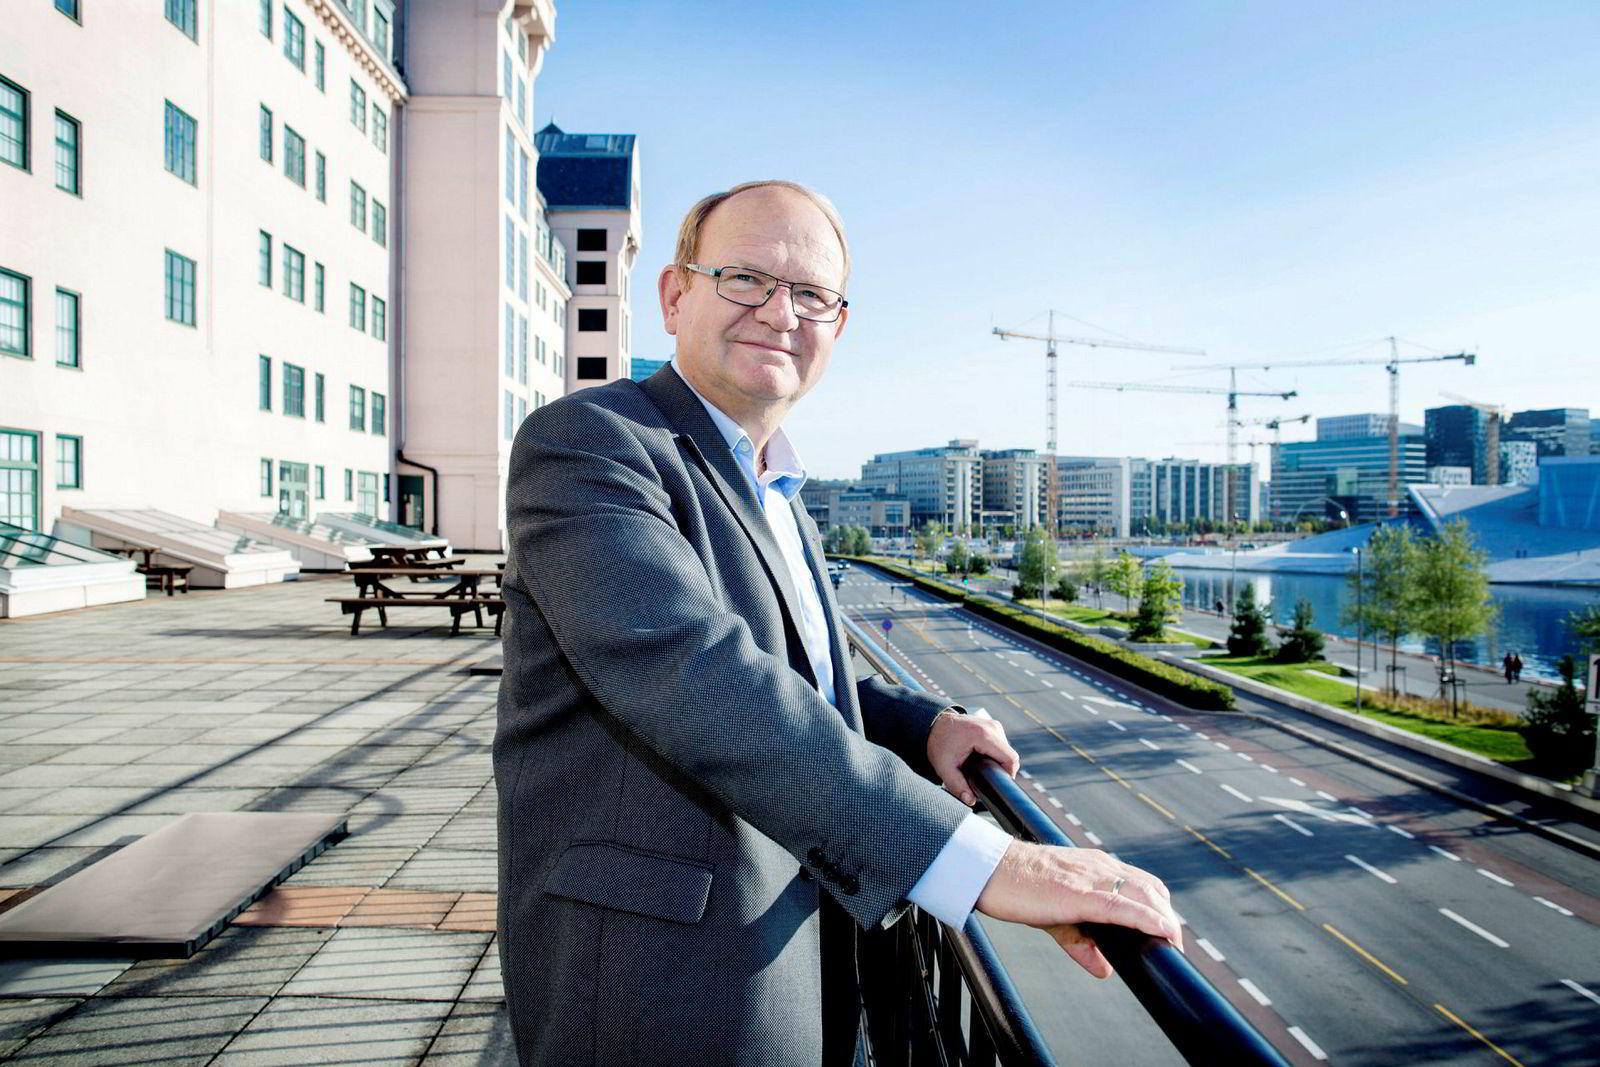 – Norske bedrifter låner lite penger nå i motsetning til konsumentene som låner mange ganger deres disponible inntekt, sier Per Einar Ruud kredittøkonom i Bisnode.